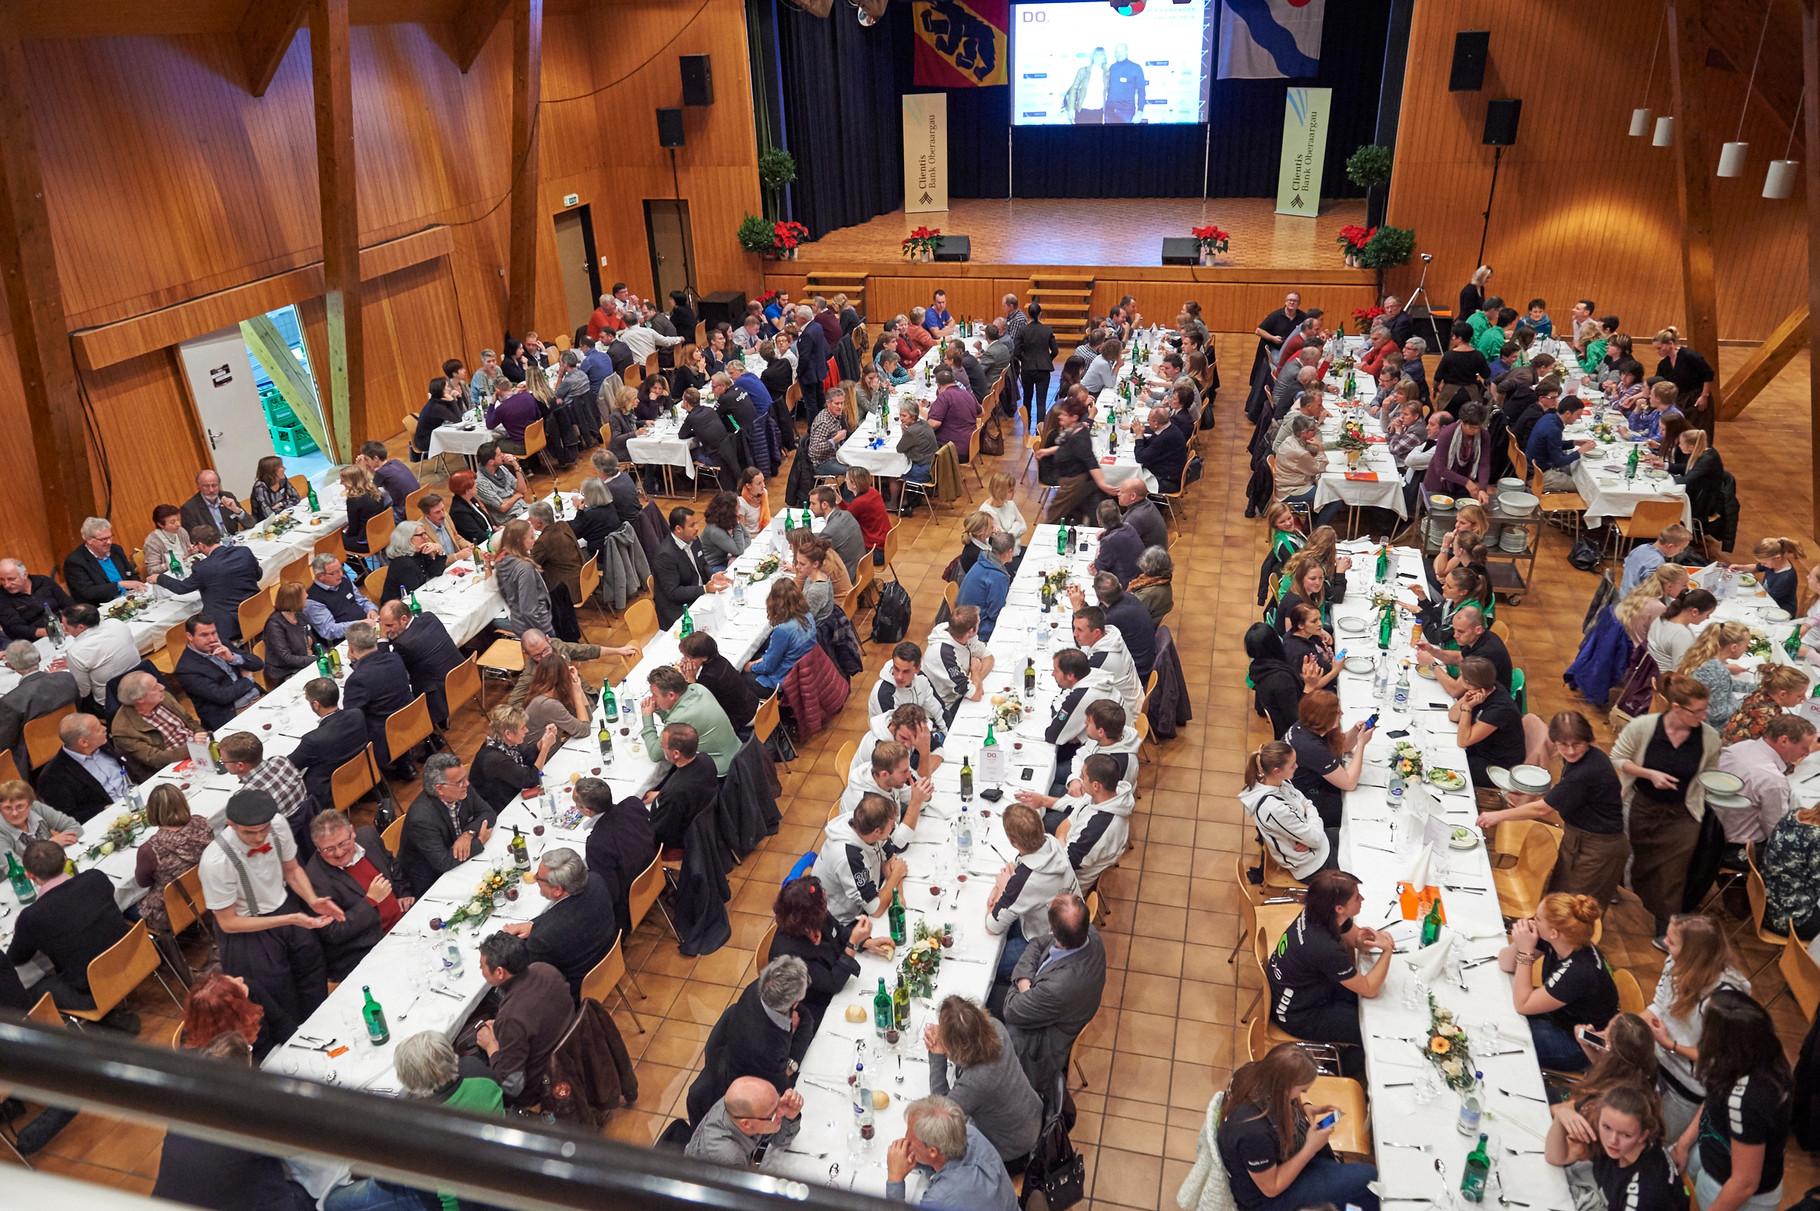 Das Catering für den grossen Anlass wurde vom Bären in Niederbipp unter der Leitung von Ueli und Eveline Marti-Züllig hervorragend zubereitet und serviert.